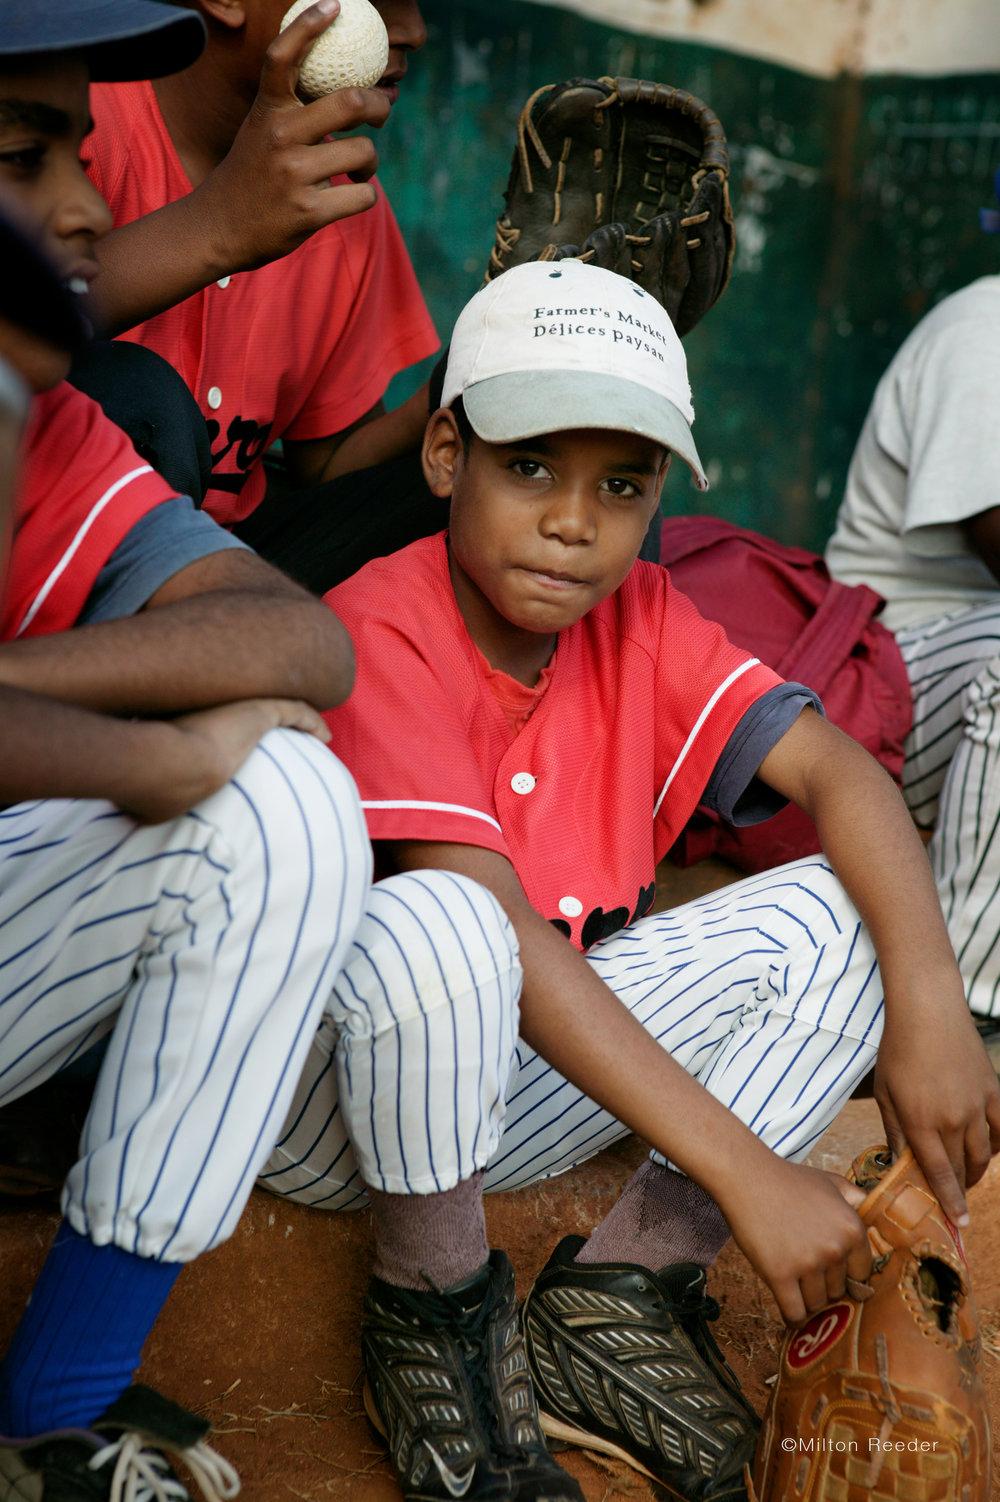 CubanBaseballStar.jpg